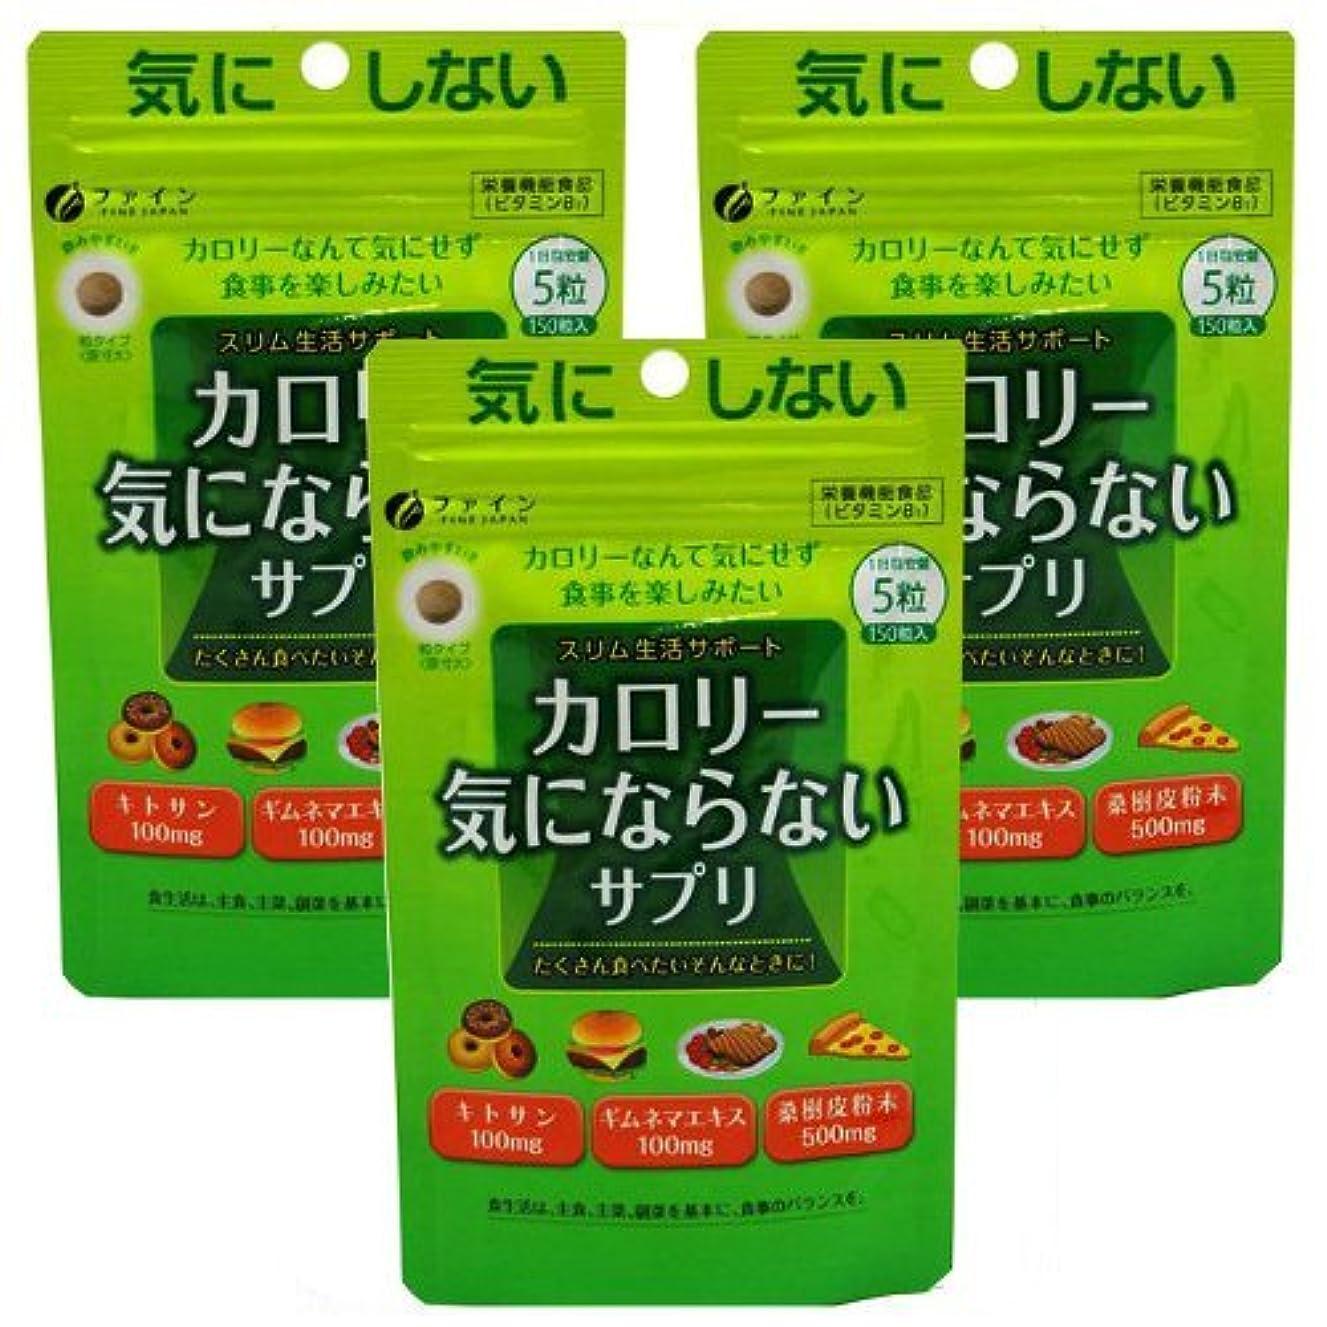 管理するに向かってアレルギーカロリー気にならないサプリ 150粒(約1ヶ月分)×3袋